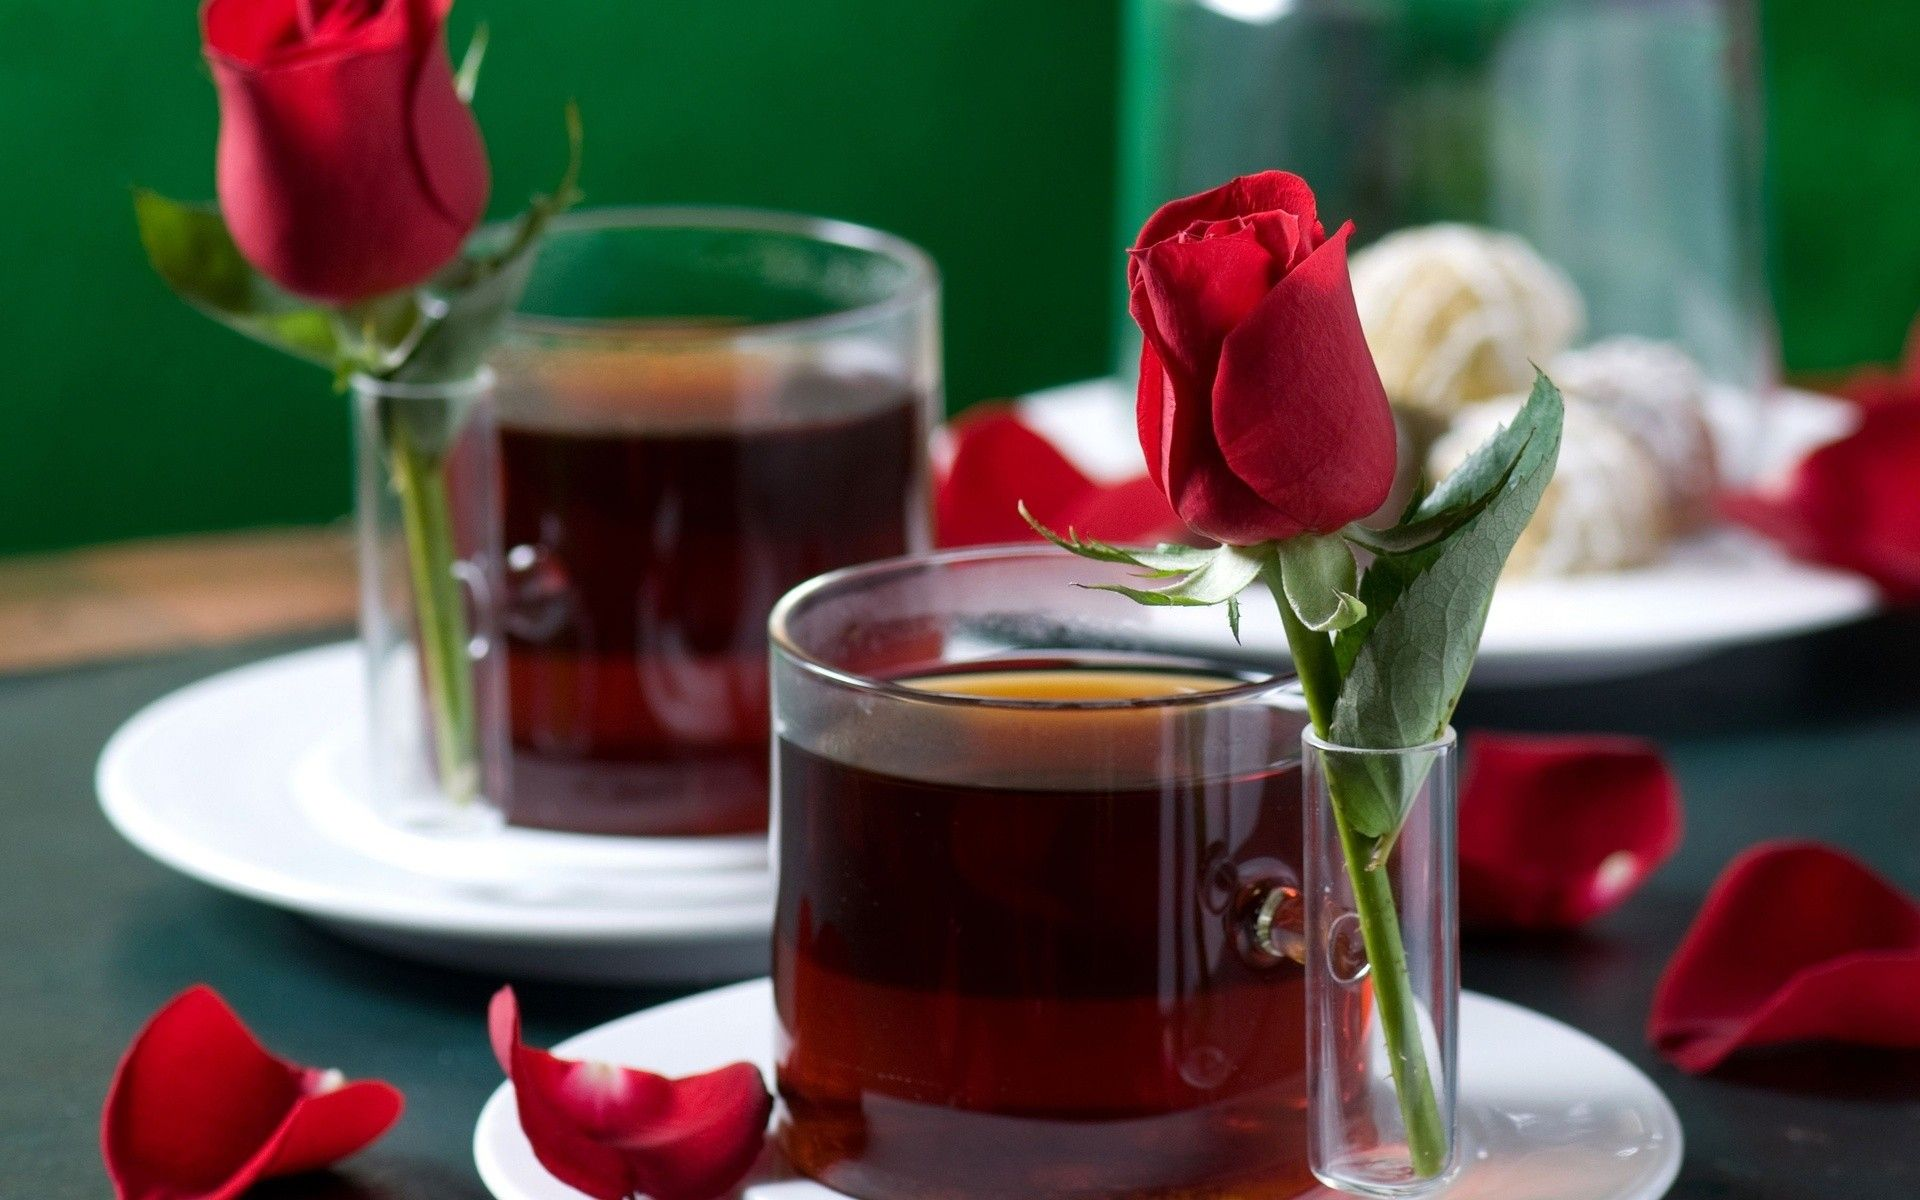 синий чай из тайланда купить в иркутске